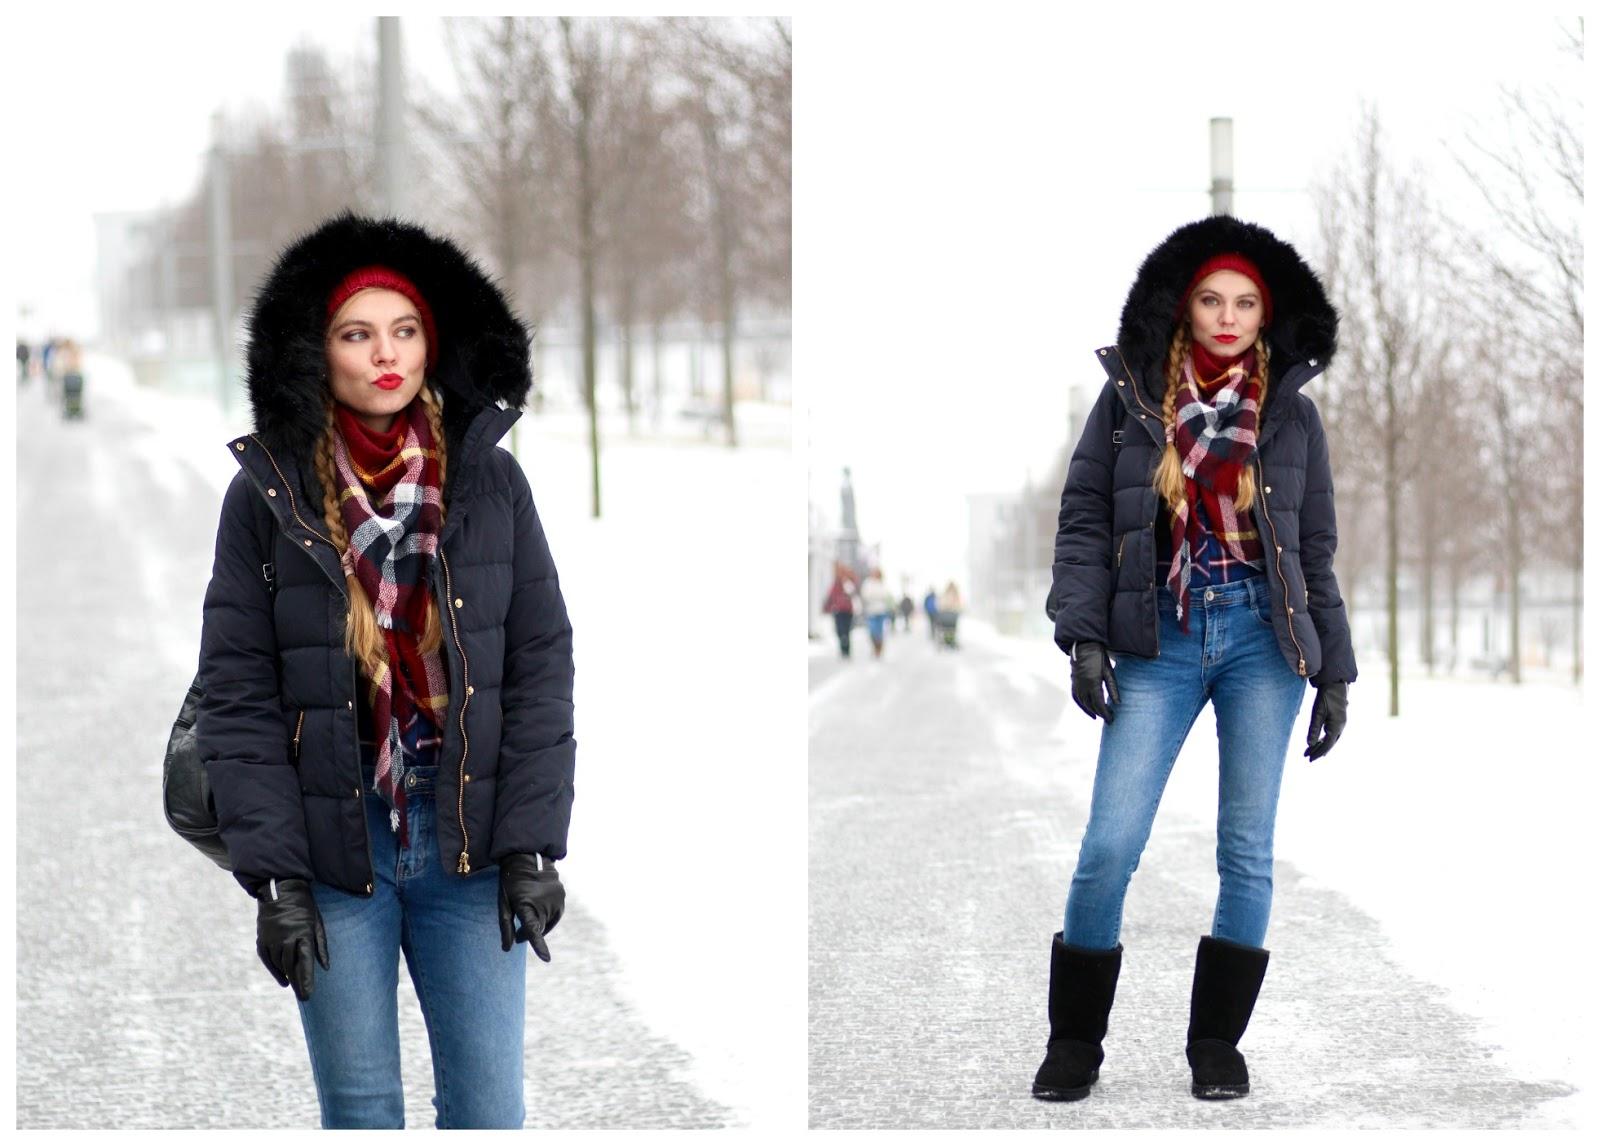 zimná pohodlná móda, comfy winter outfit